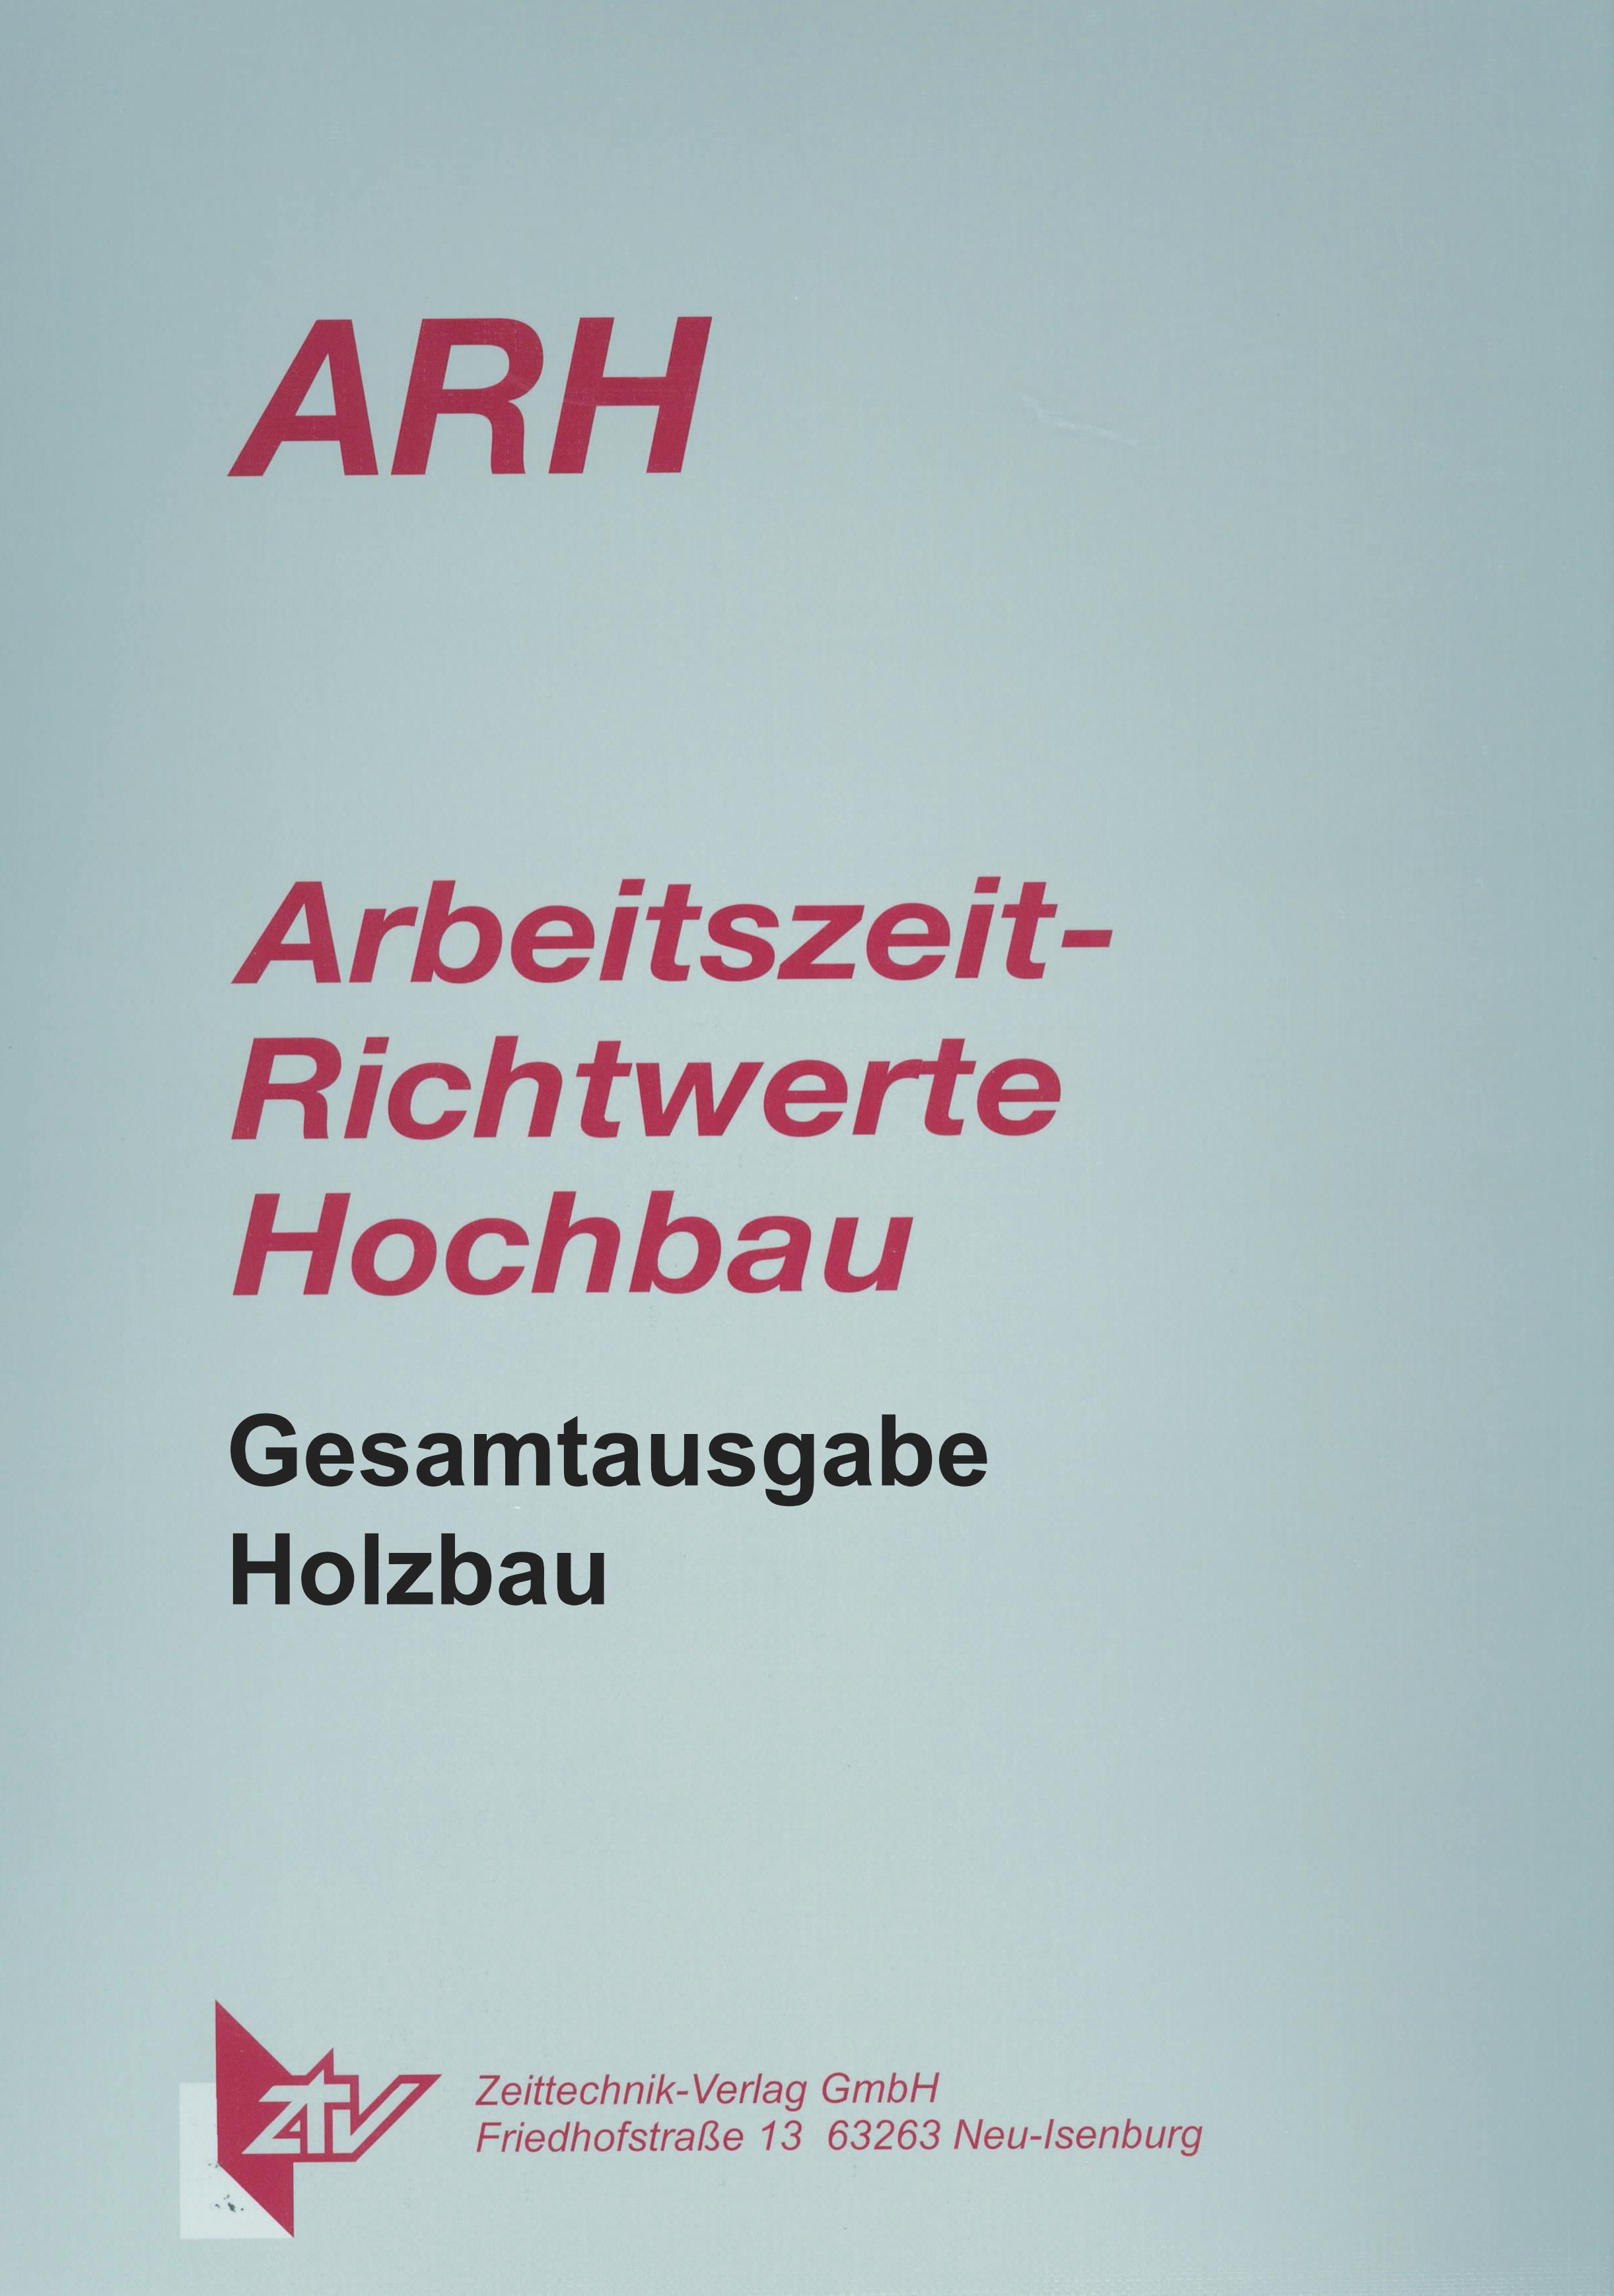 ARH-Tabelle Holzbau, Gesamtausgabe